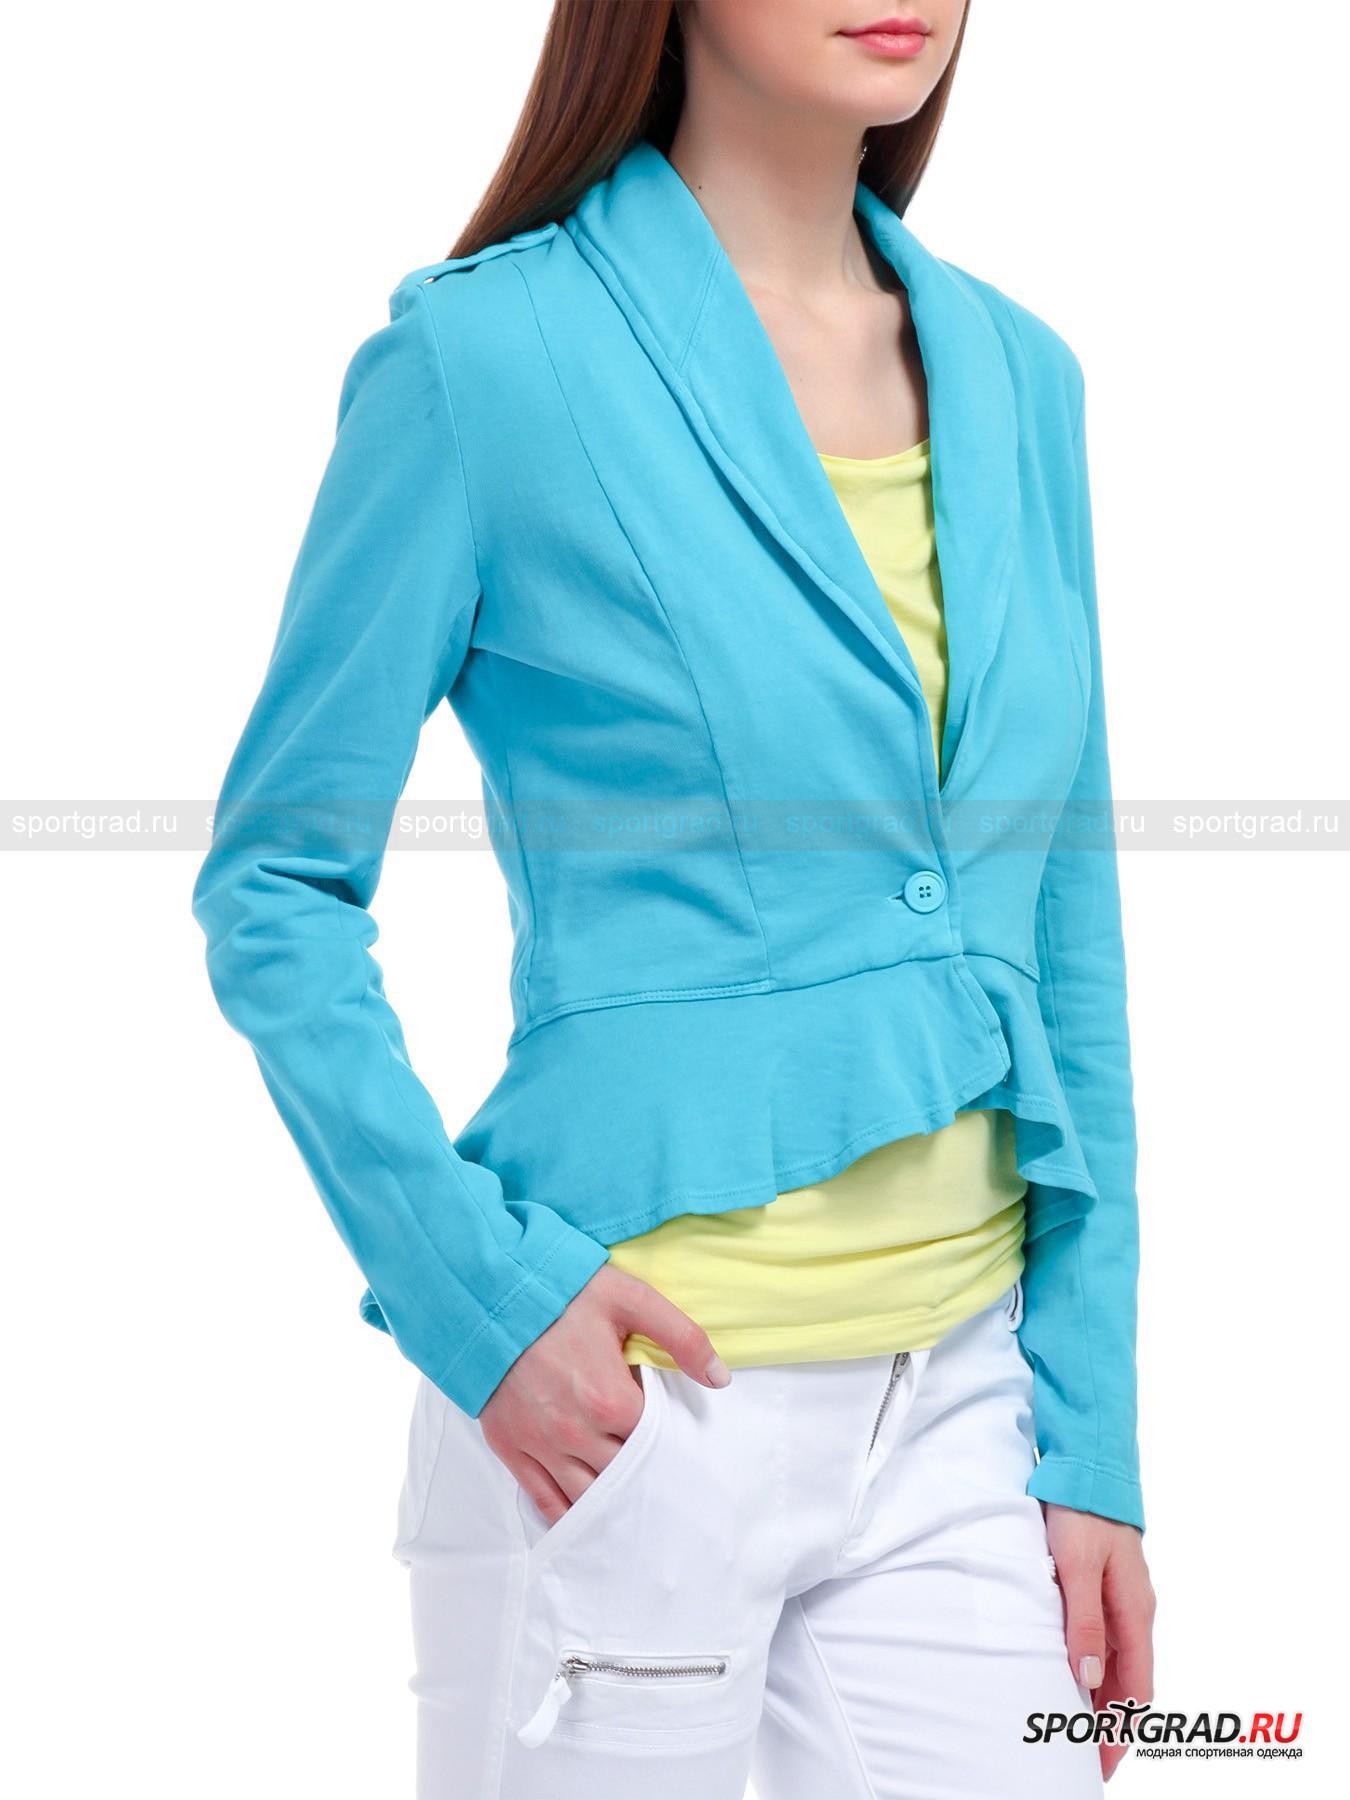 Женский жакет Jacket  DEHA из футерированного хлопка от Спортград